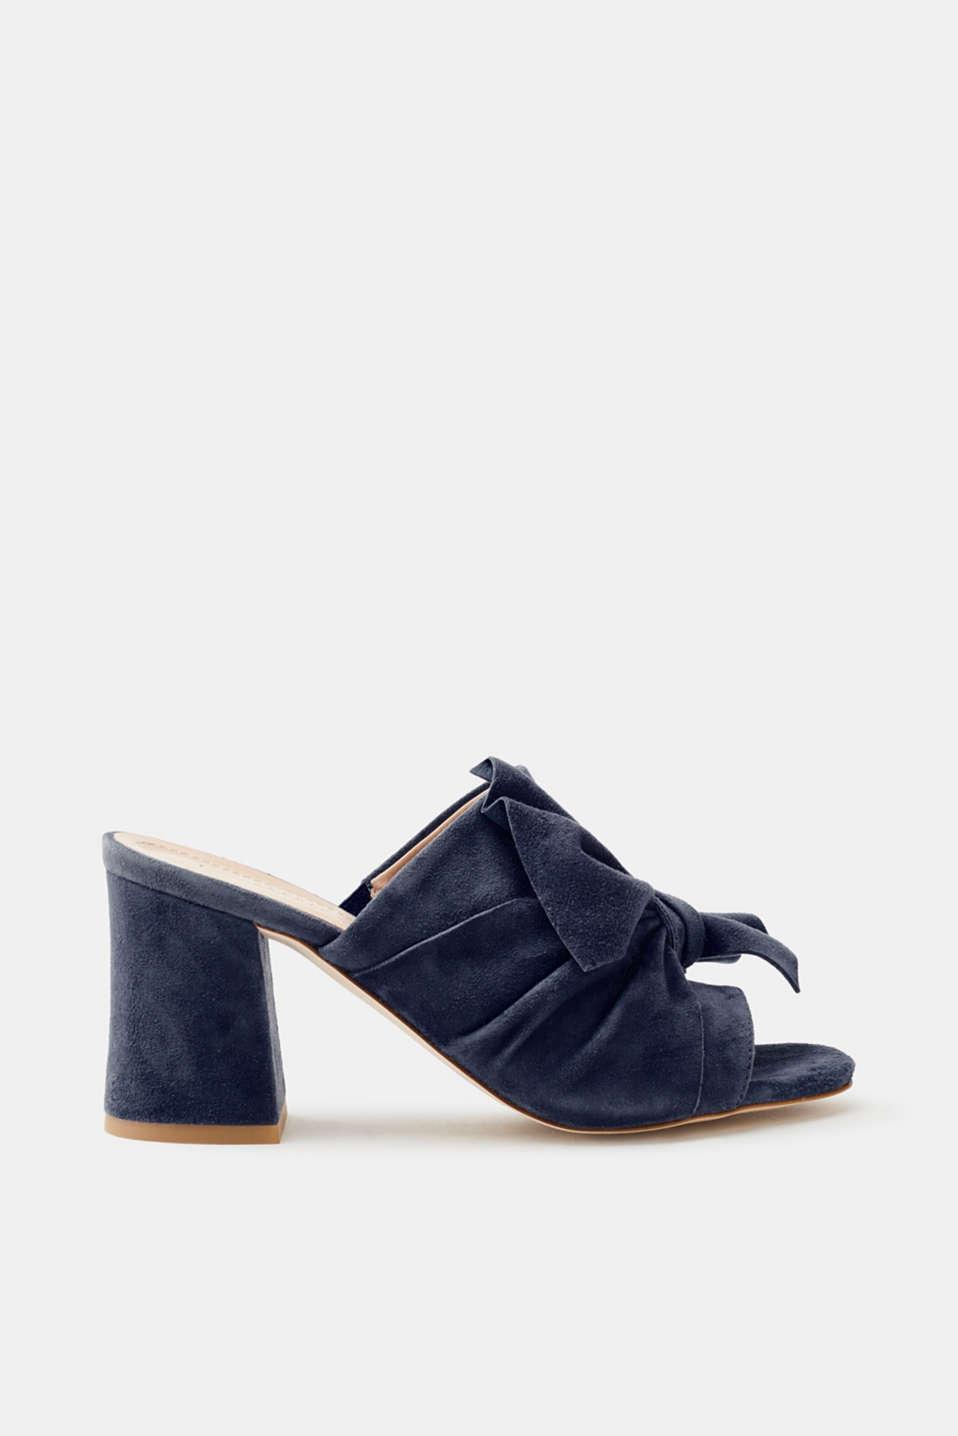 Esprit Mules in glatter Leder-Optik für Damen, Größe 38, Black